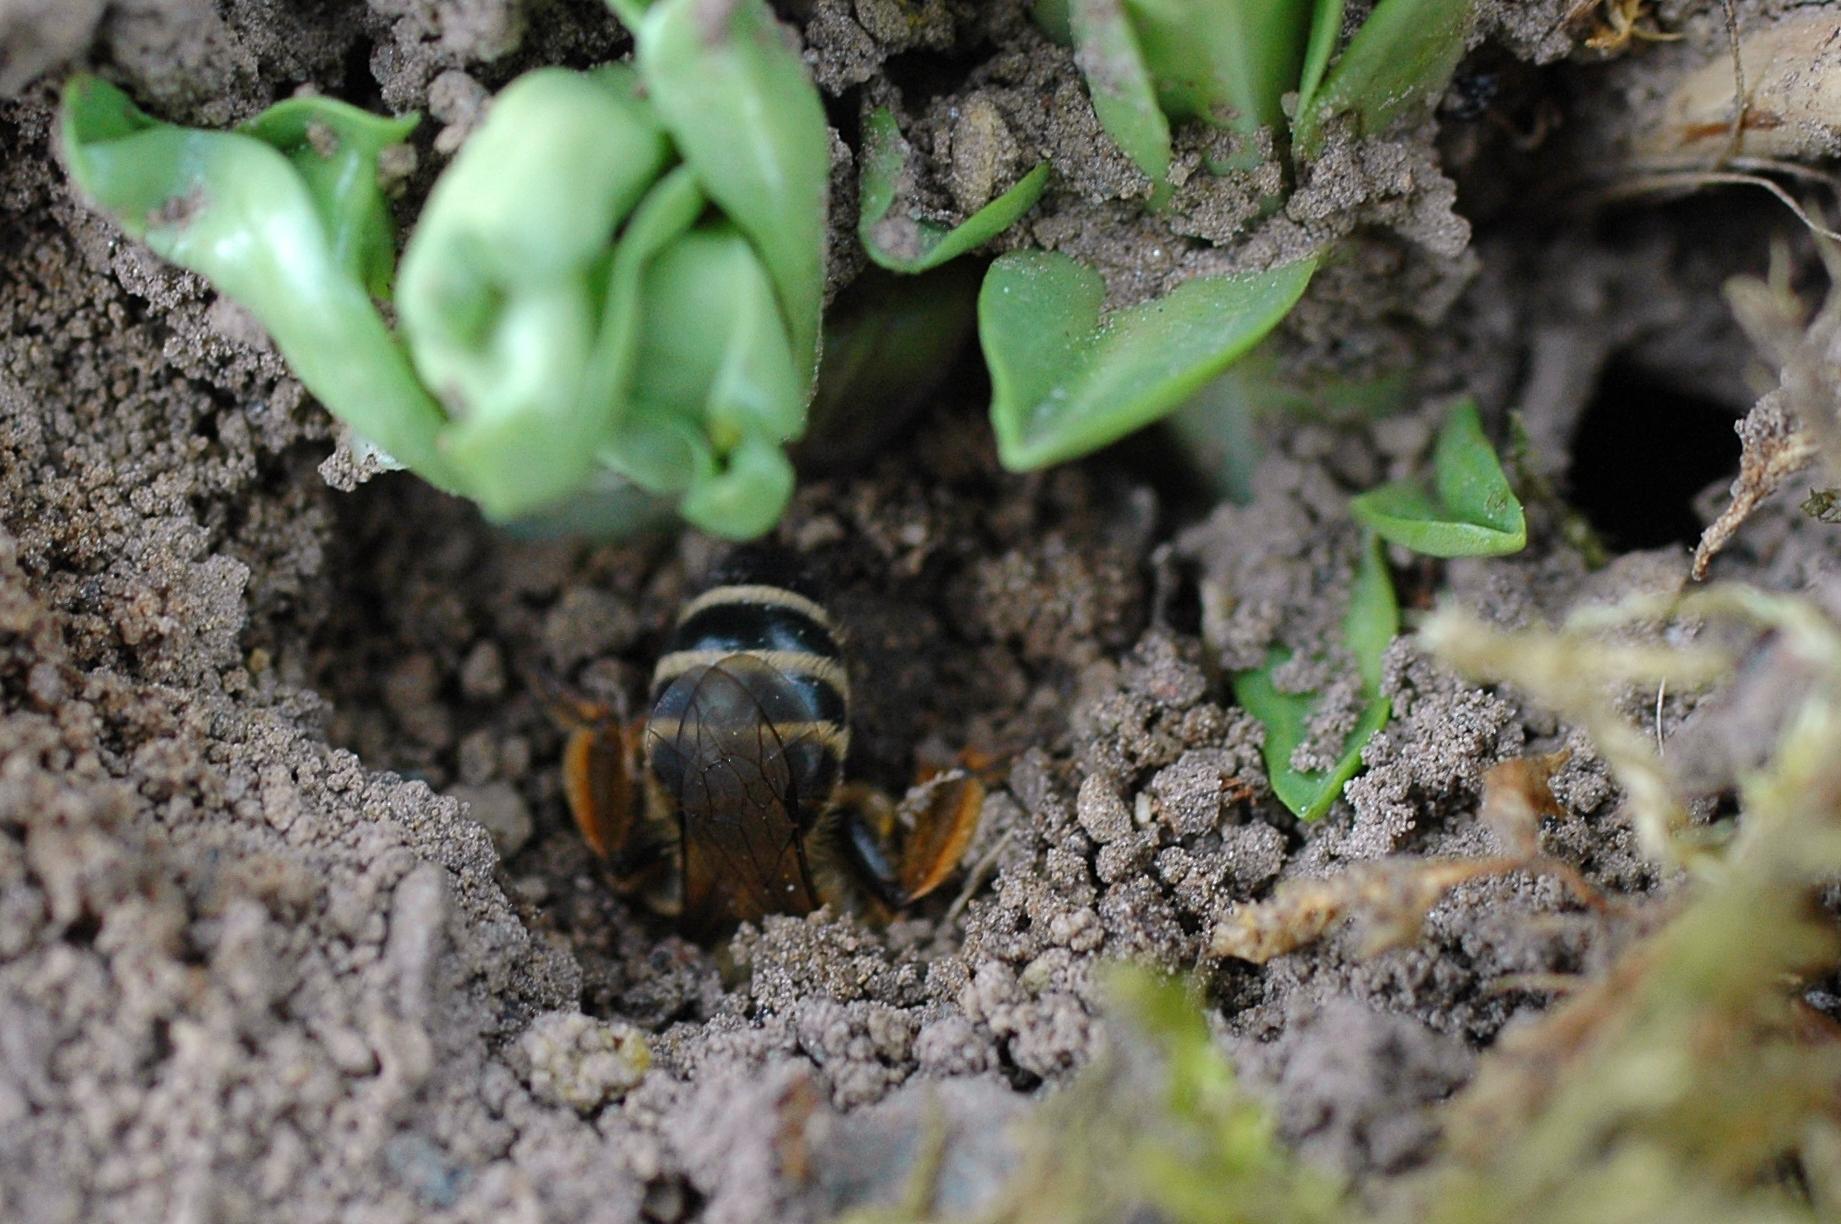 diese Sandbienenkönigin gräbt sich eine Niströhre ... Foto: Britta Raabe